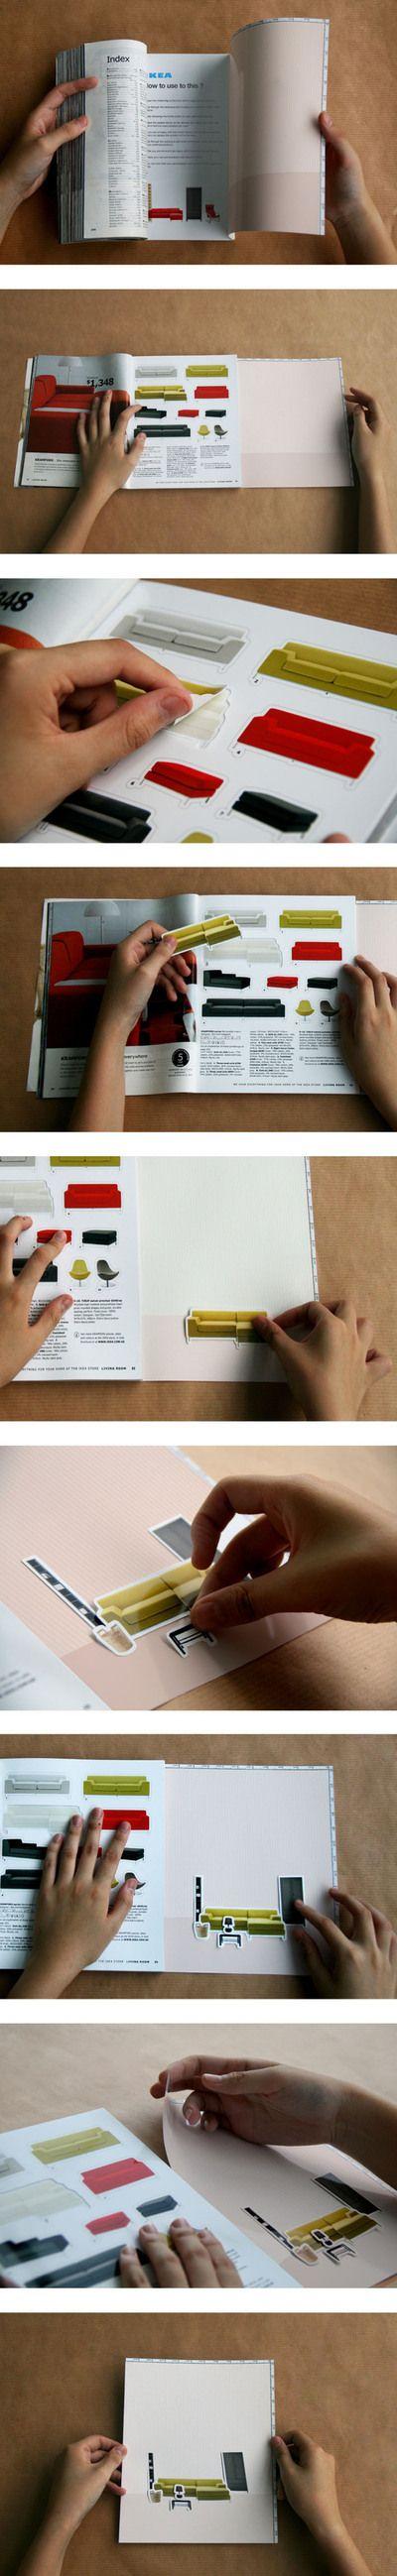 D 2010 : Ikea Open Brief. by Yizhen Huang, via Behance